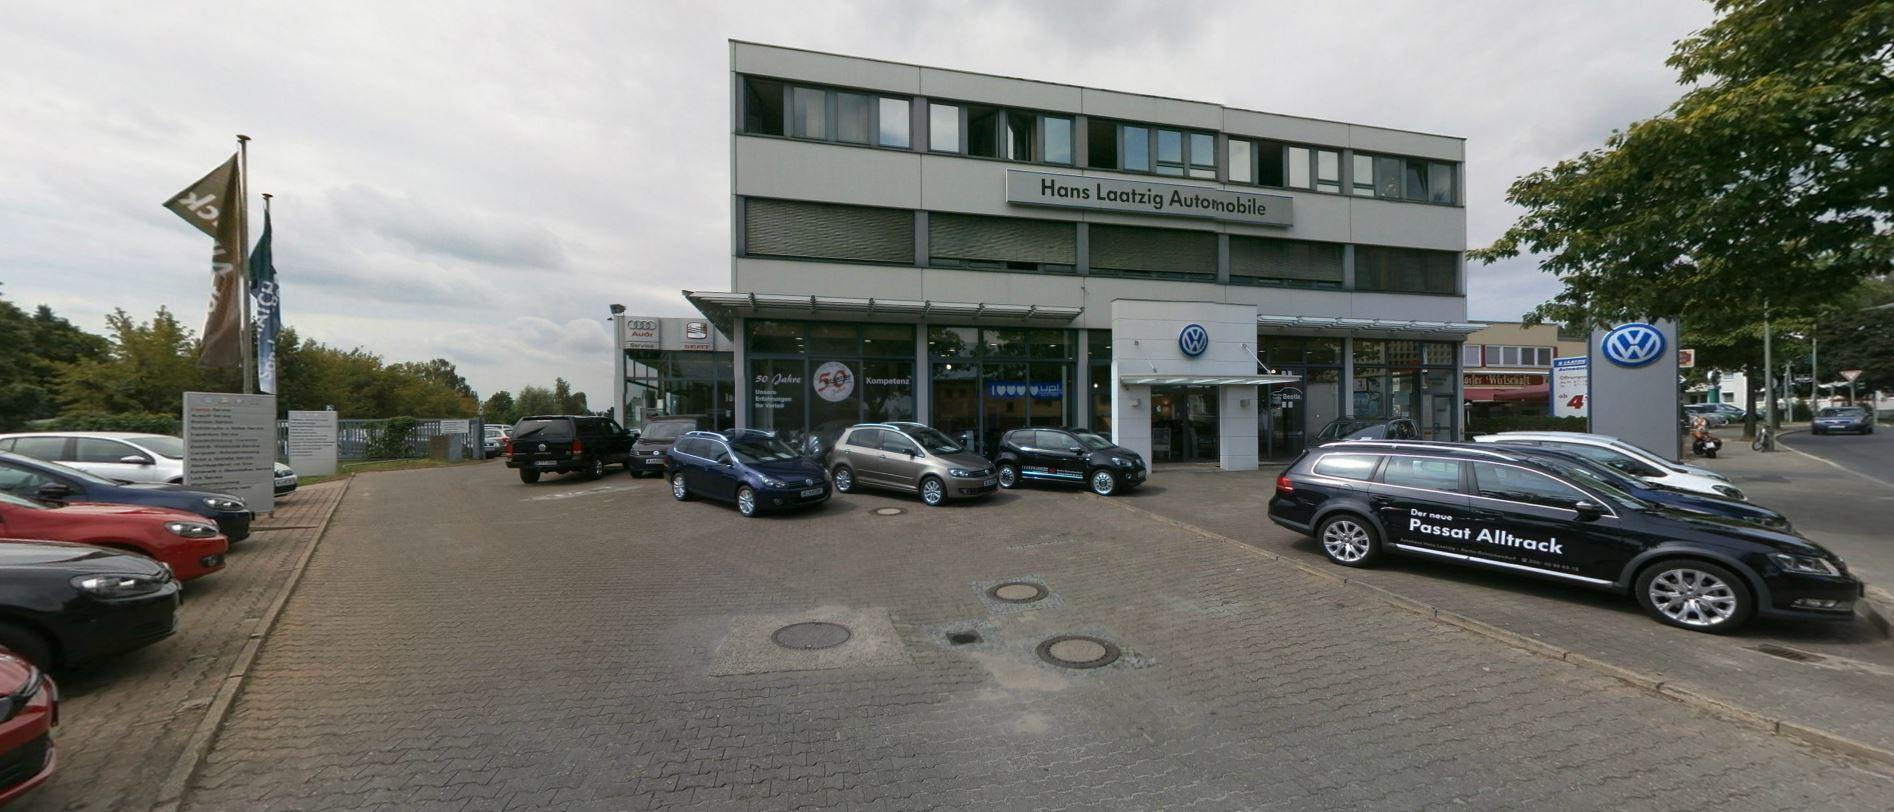 Fotos de Hans Laatzig Automobile GmbH